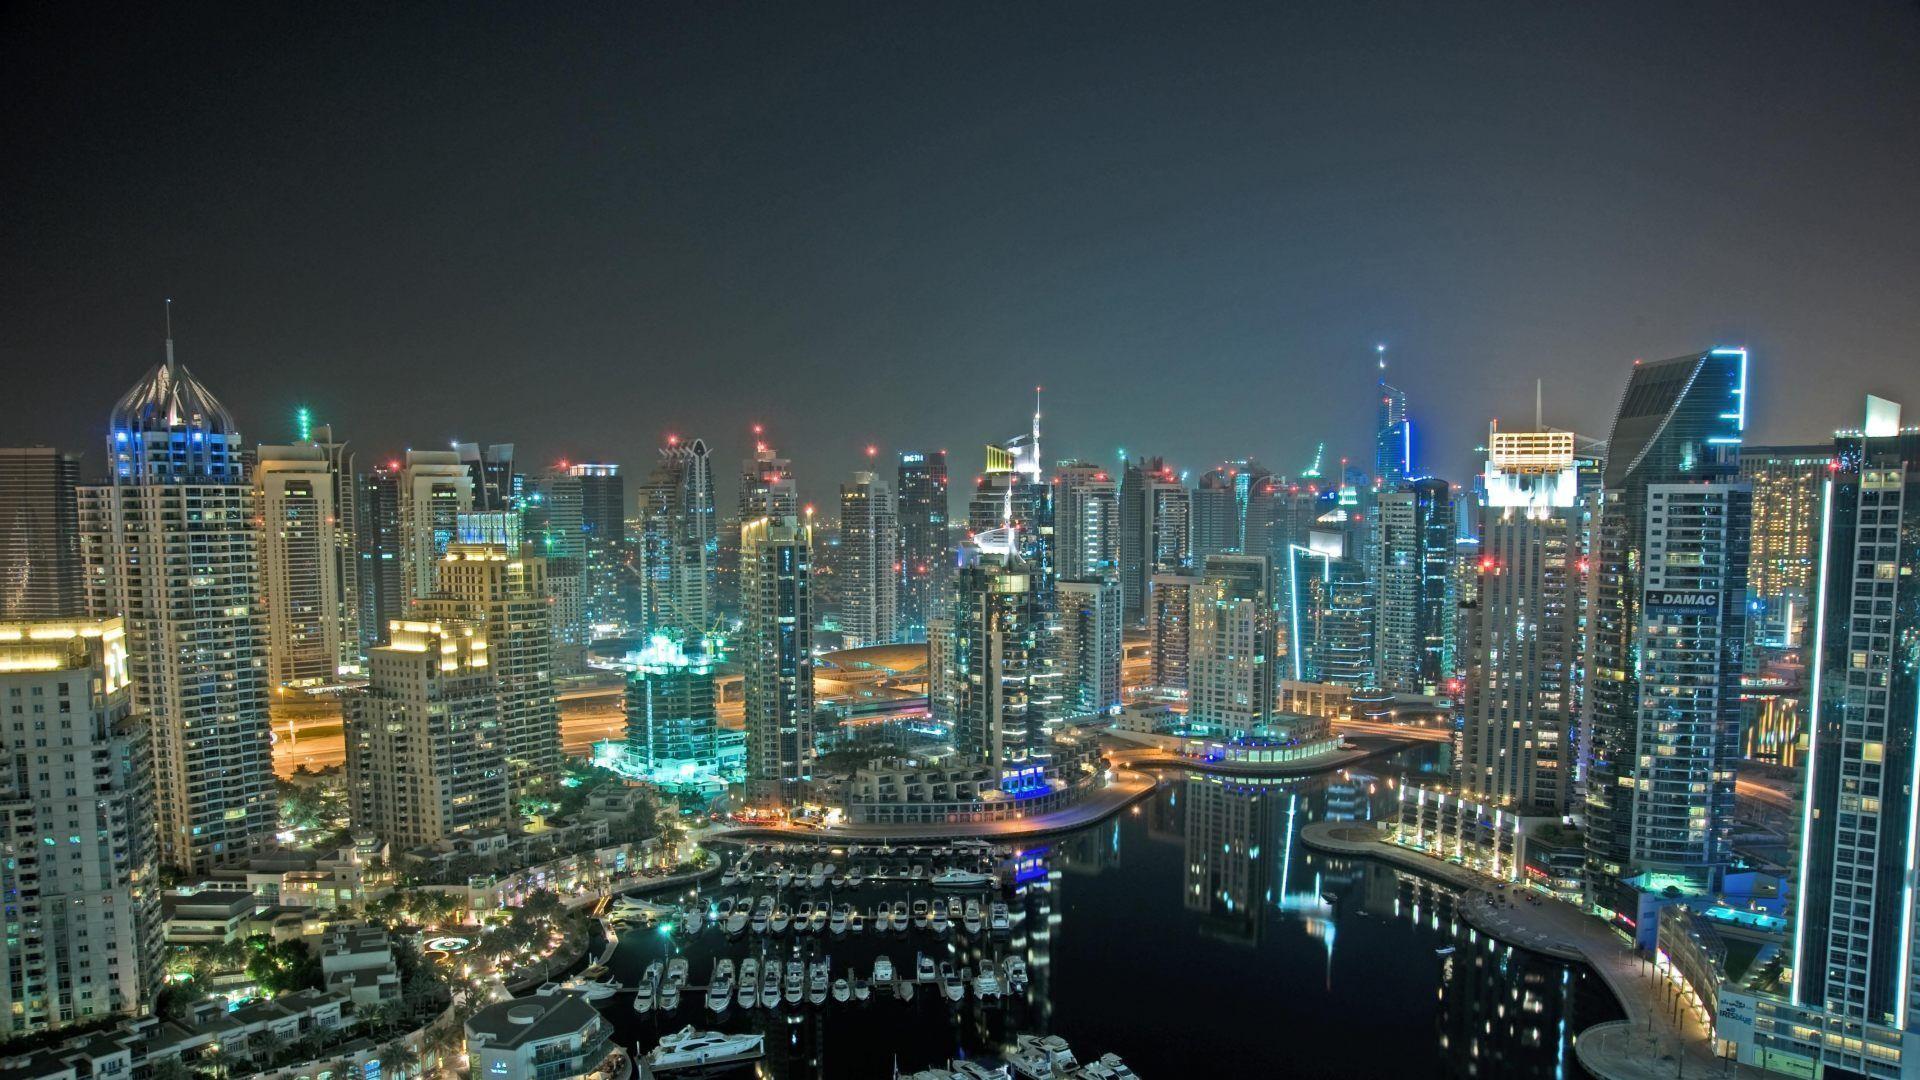 Dubái de noche - 1920x1080 :: Fondos de pantalla y wallpapers